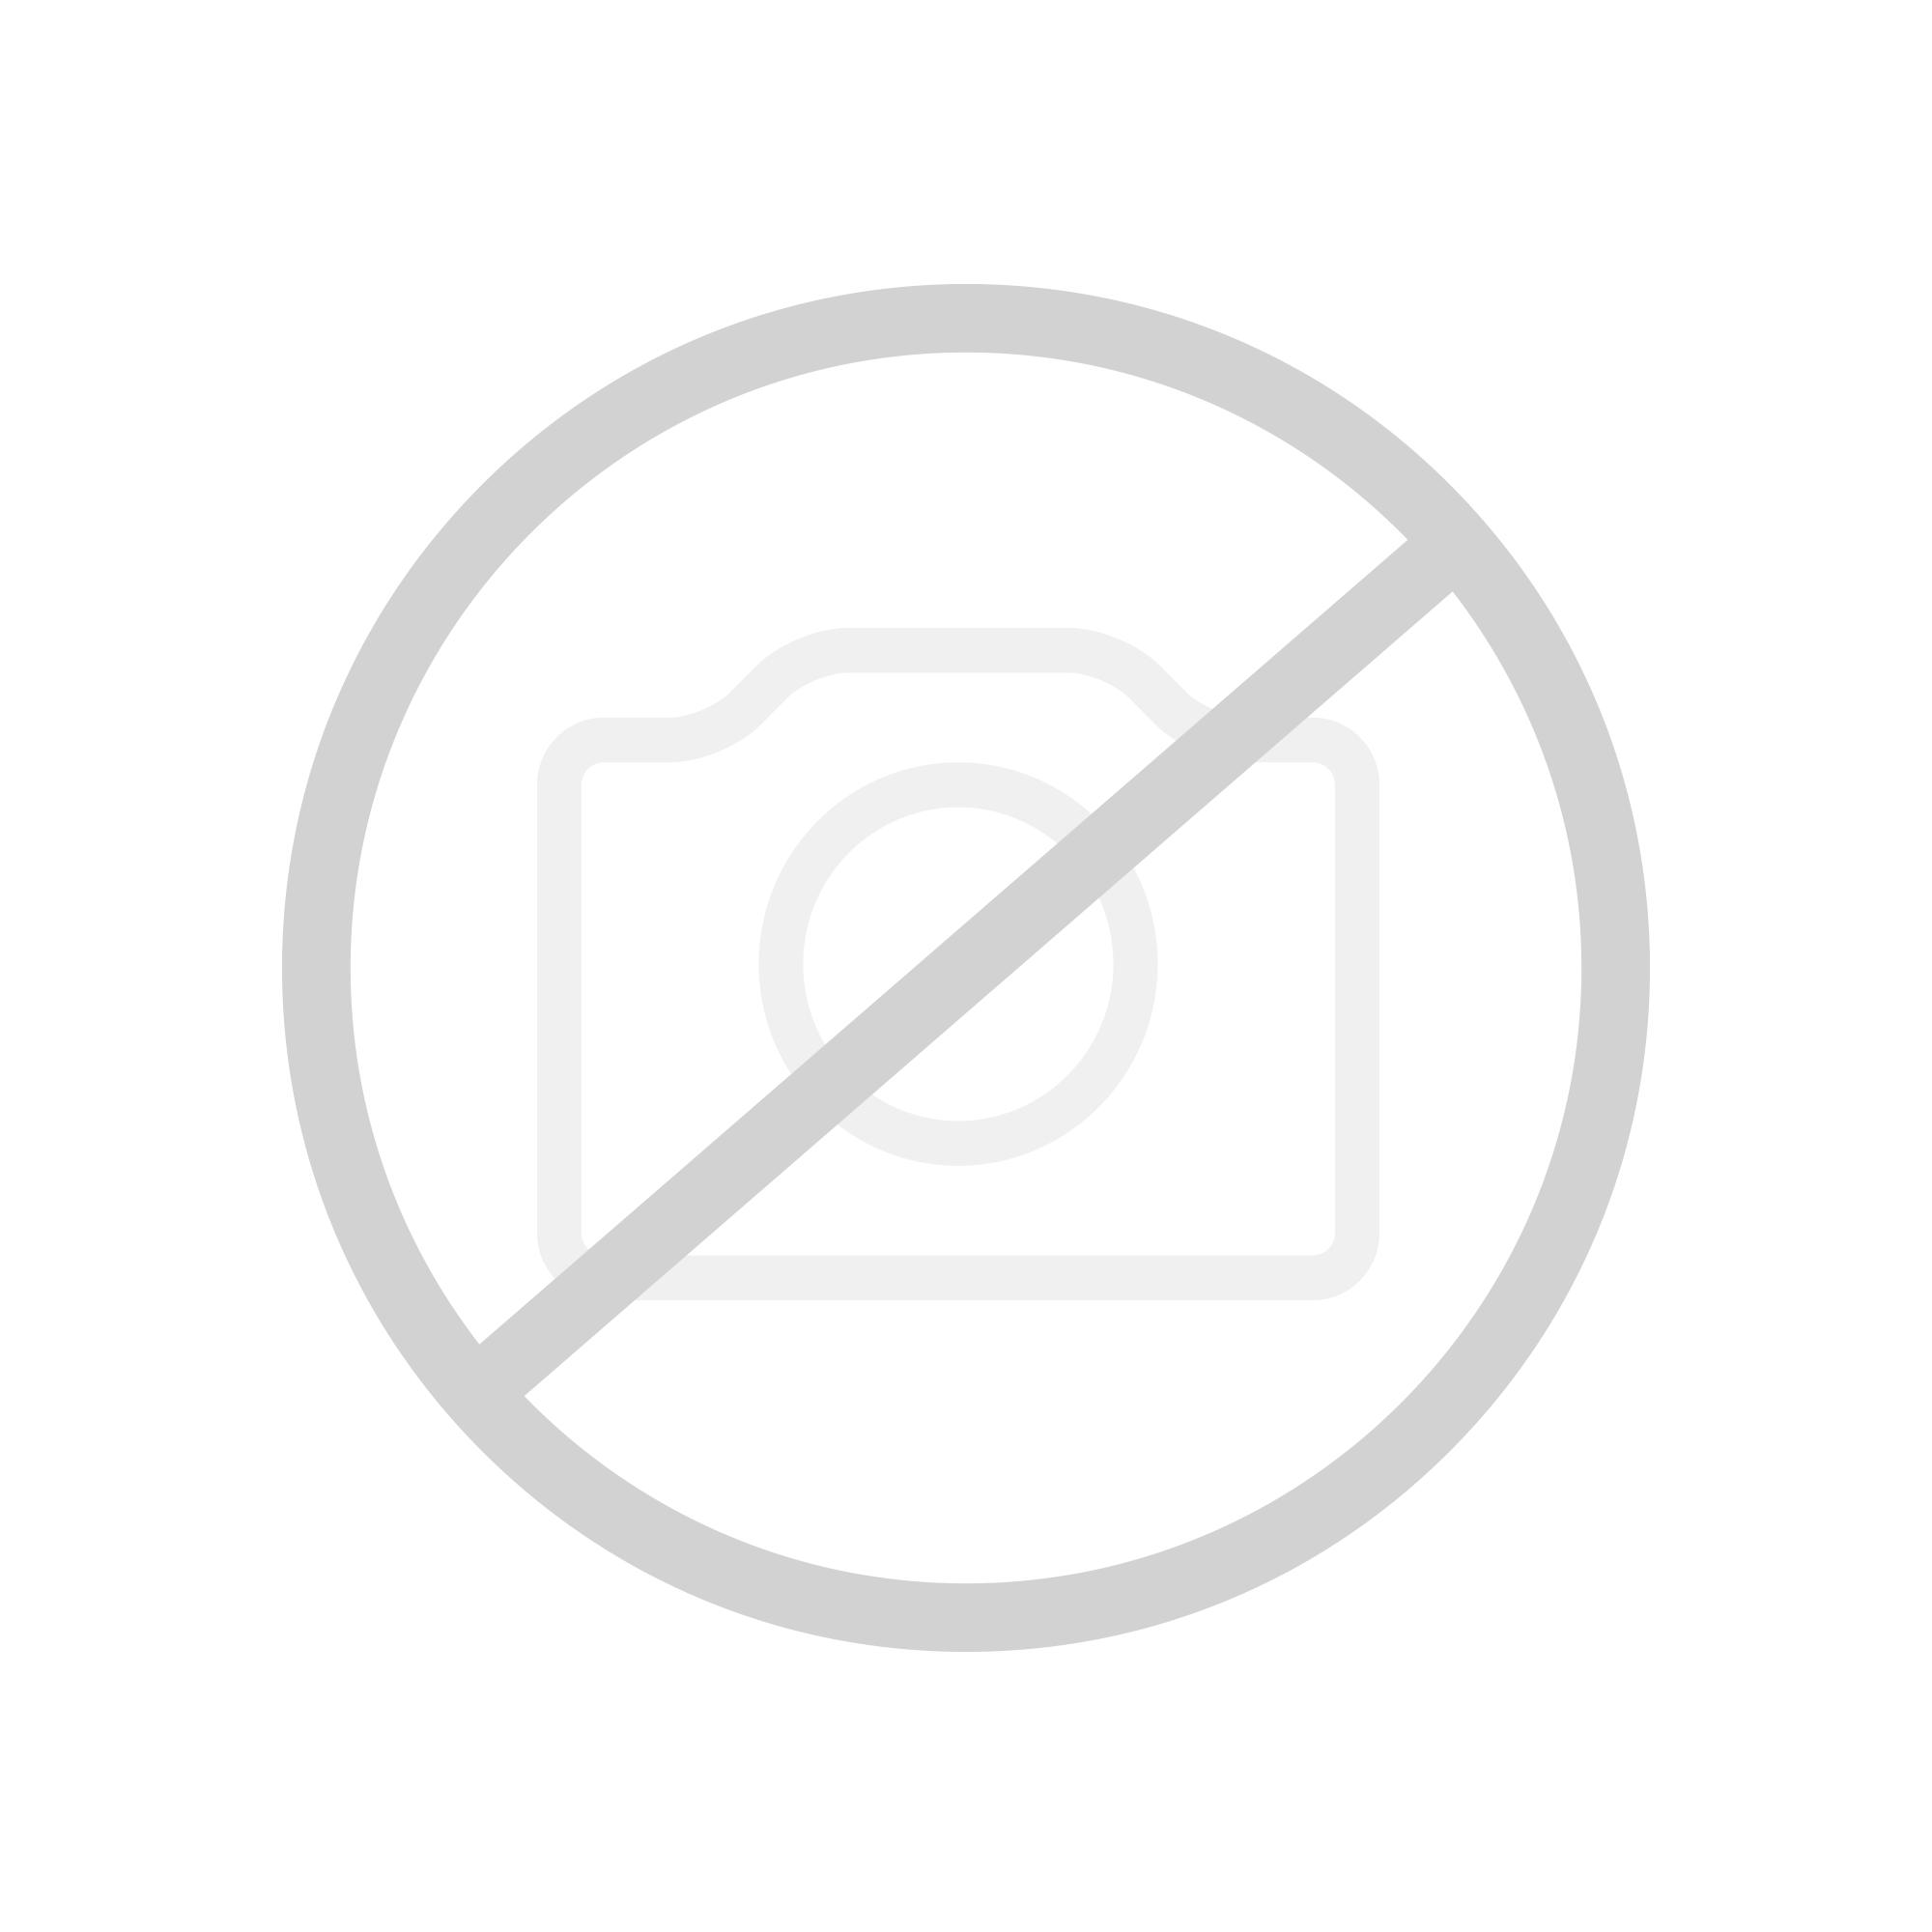 keuco edition 11 handtuchhalter feststehend 11118010000 reuter. Black Bedroom Furniture Sets. Home Design Ideas